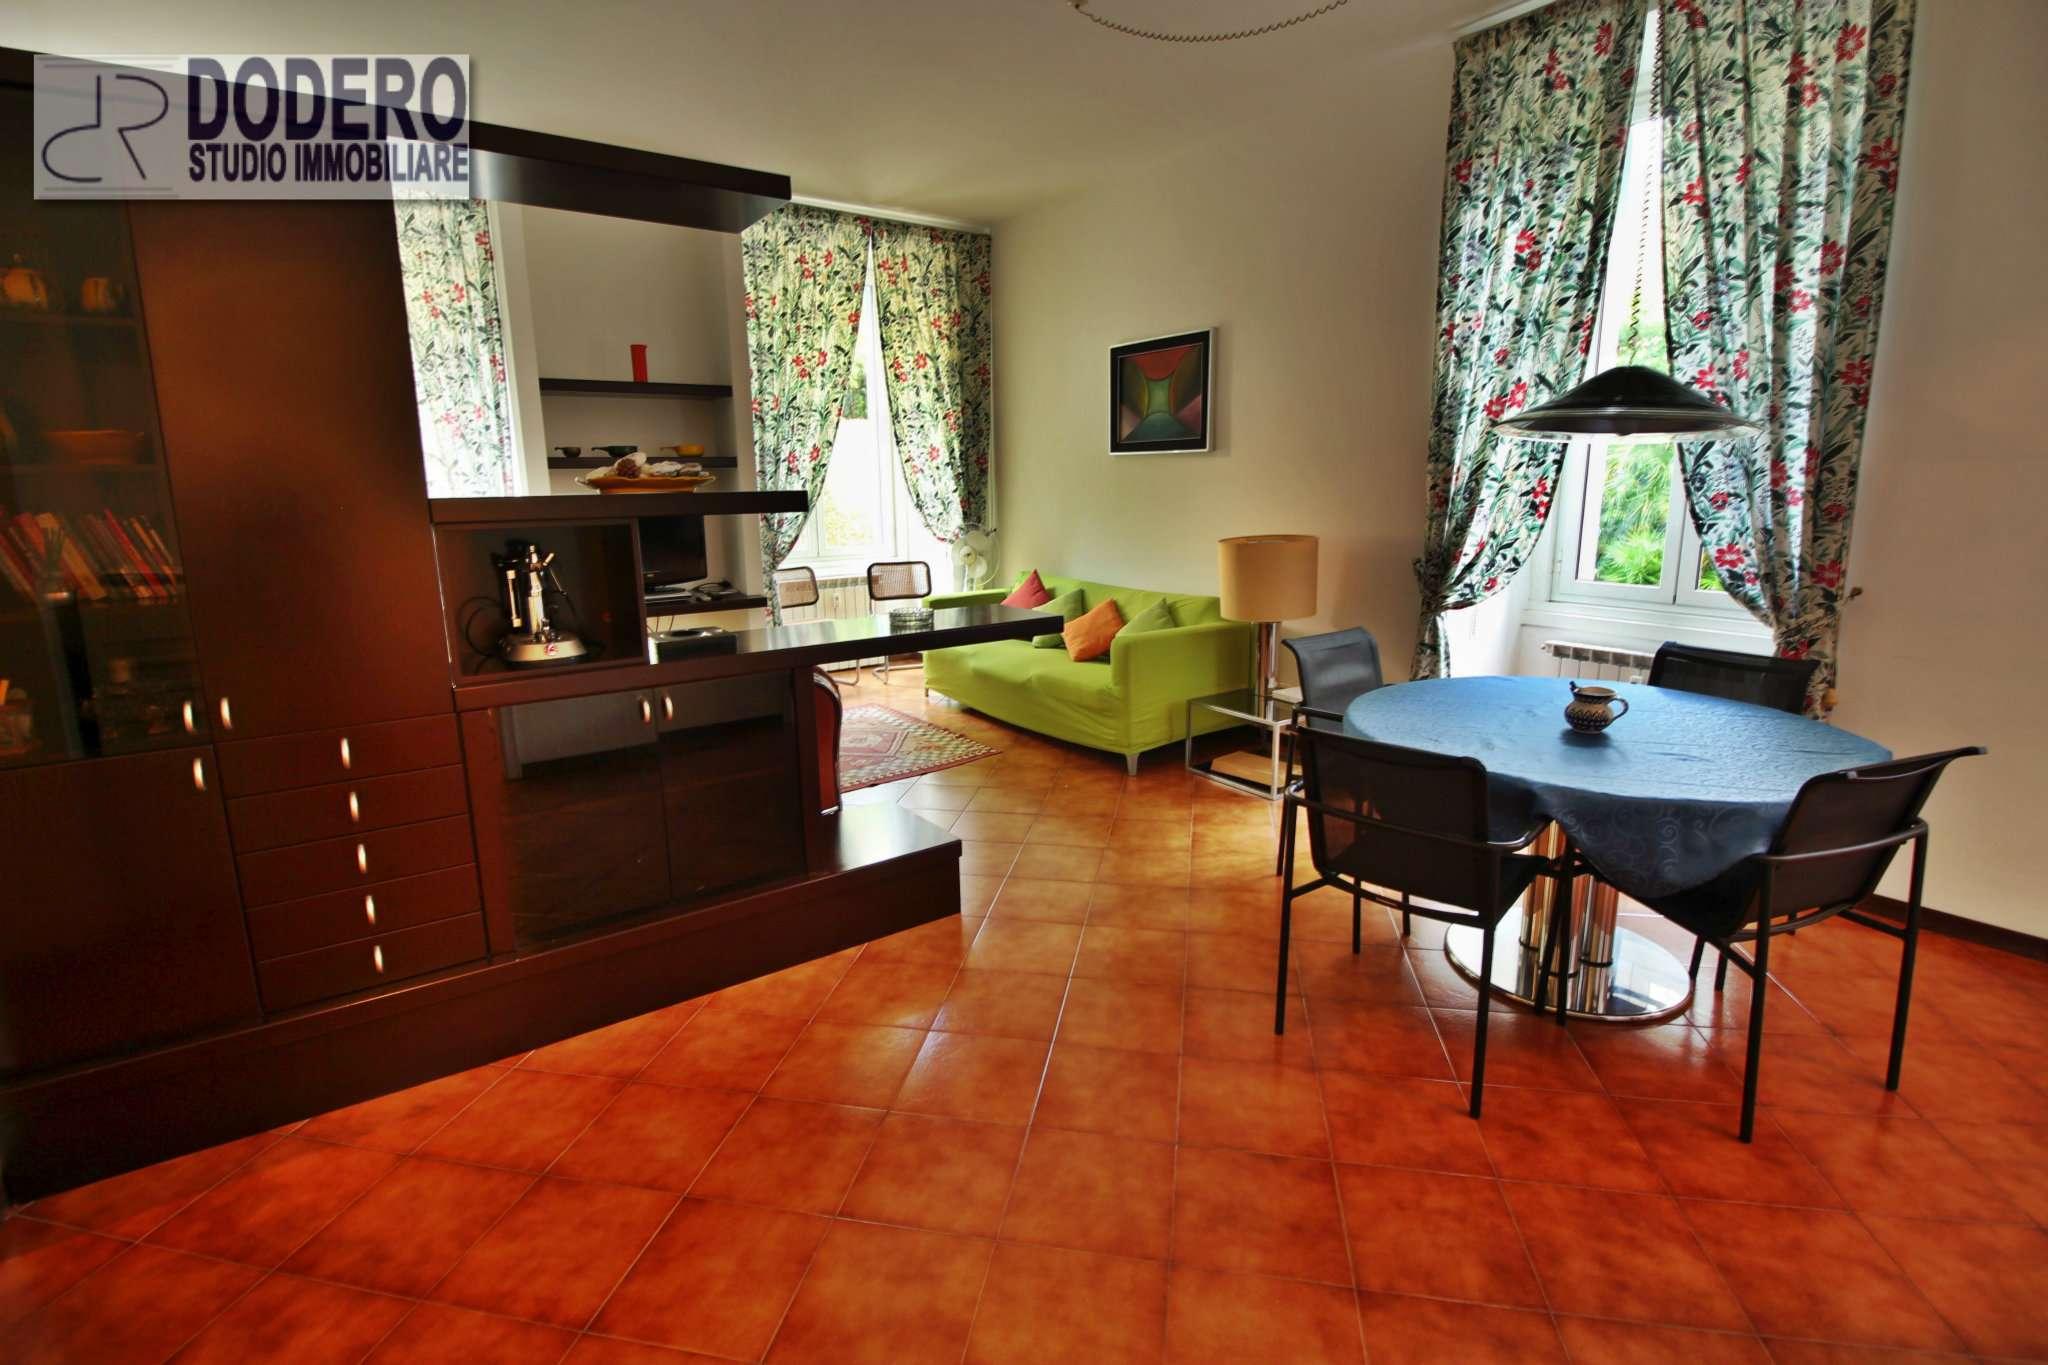 Appartamento Genova Vendita 80 Mq Riscaldamento